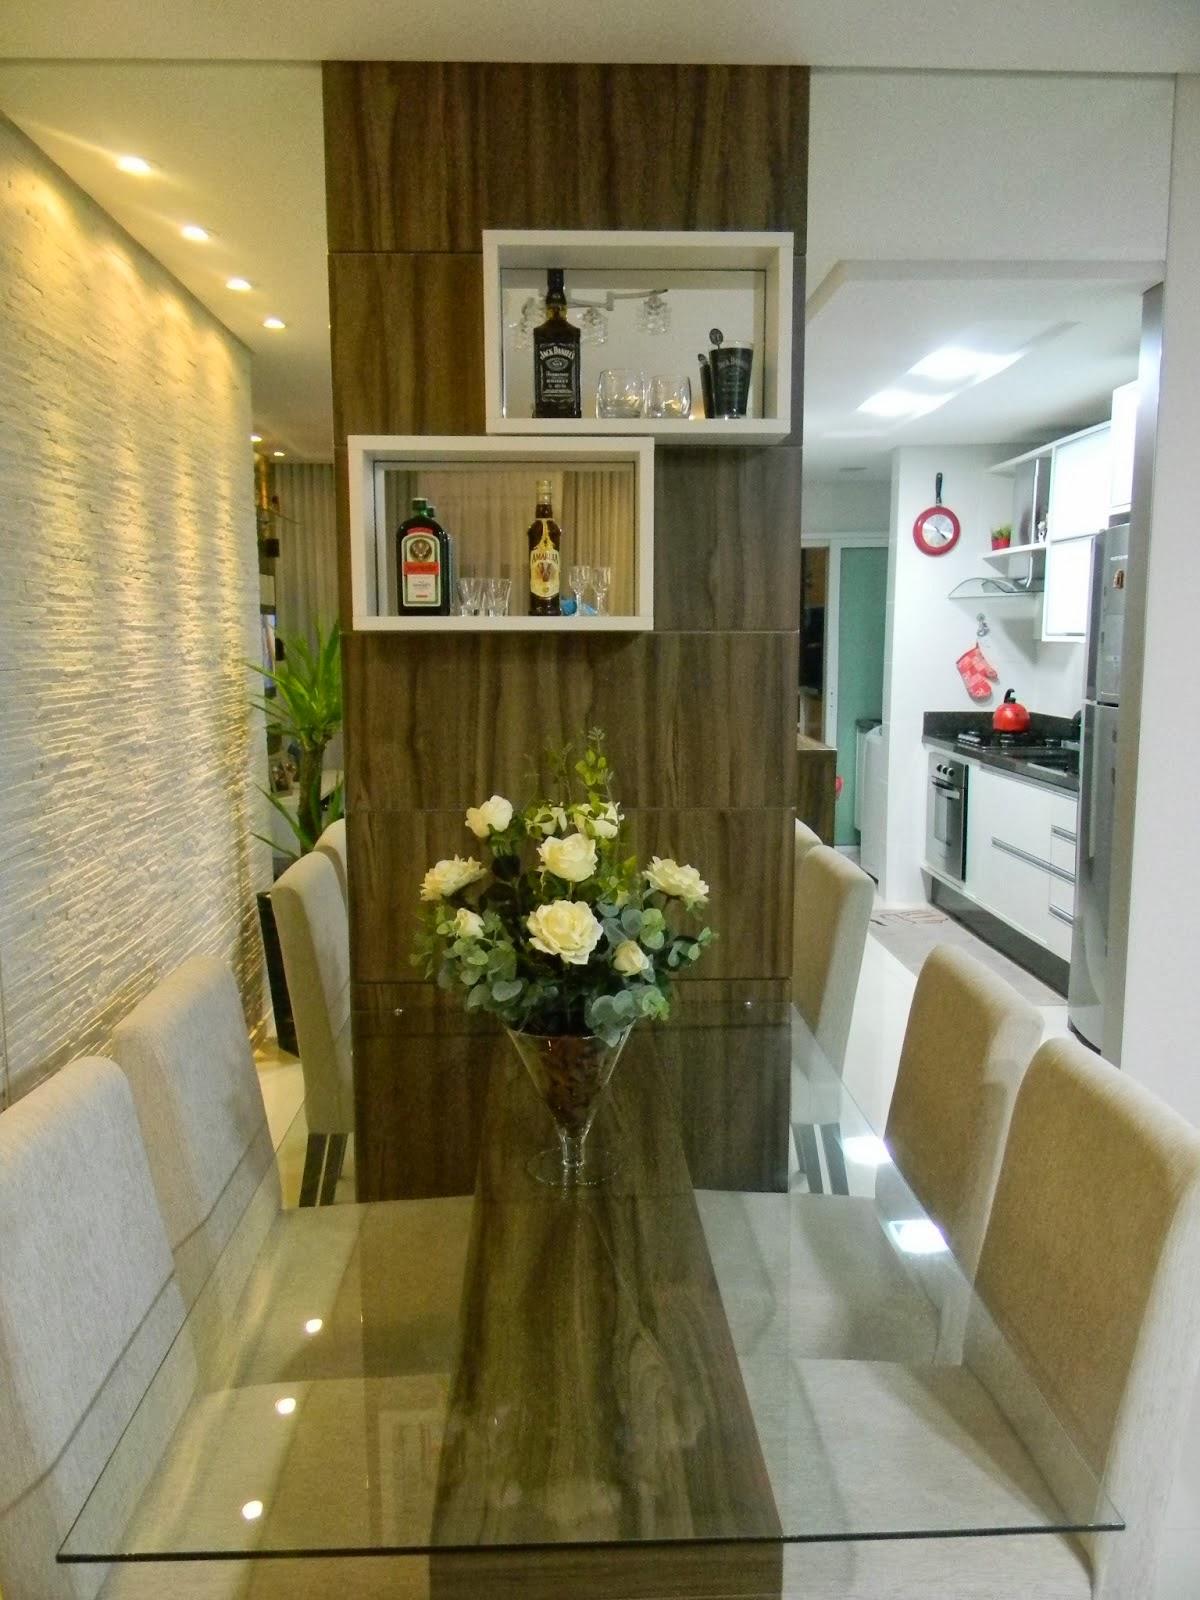 de cozinha humilde: Humilde Residência: Cozinha – Parte 2 ; Projeto  #3F3514 1200 1600